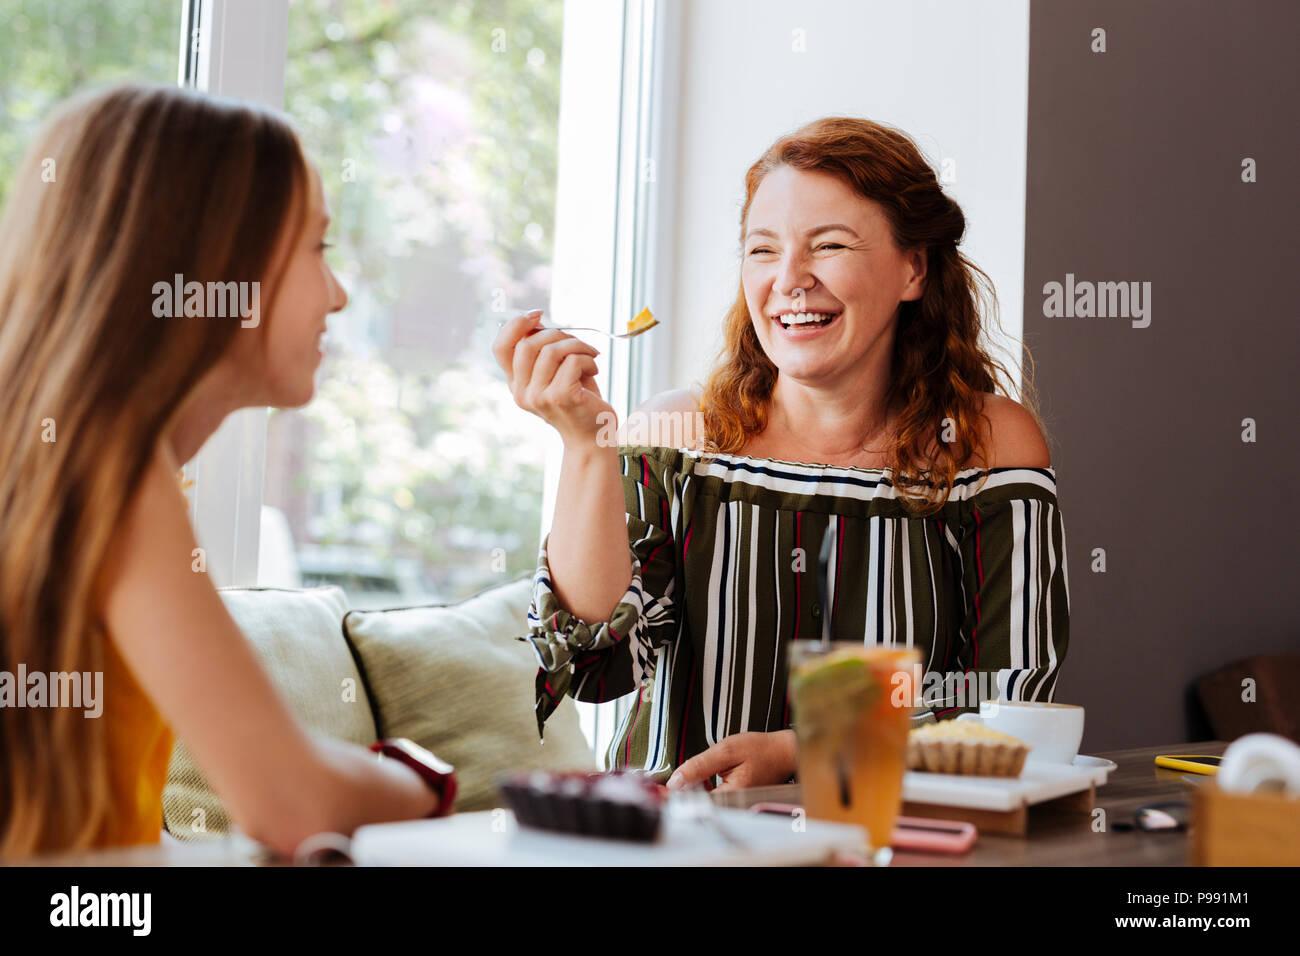 Pelirroja mujer riendo mientras hablaba a hija Imagen De Stock